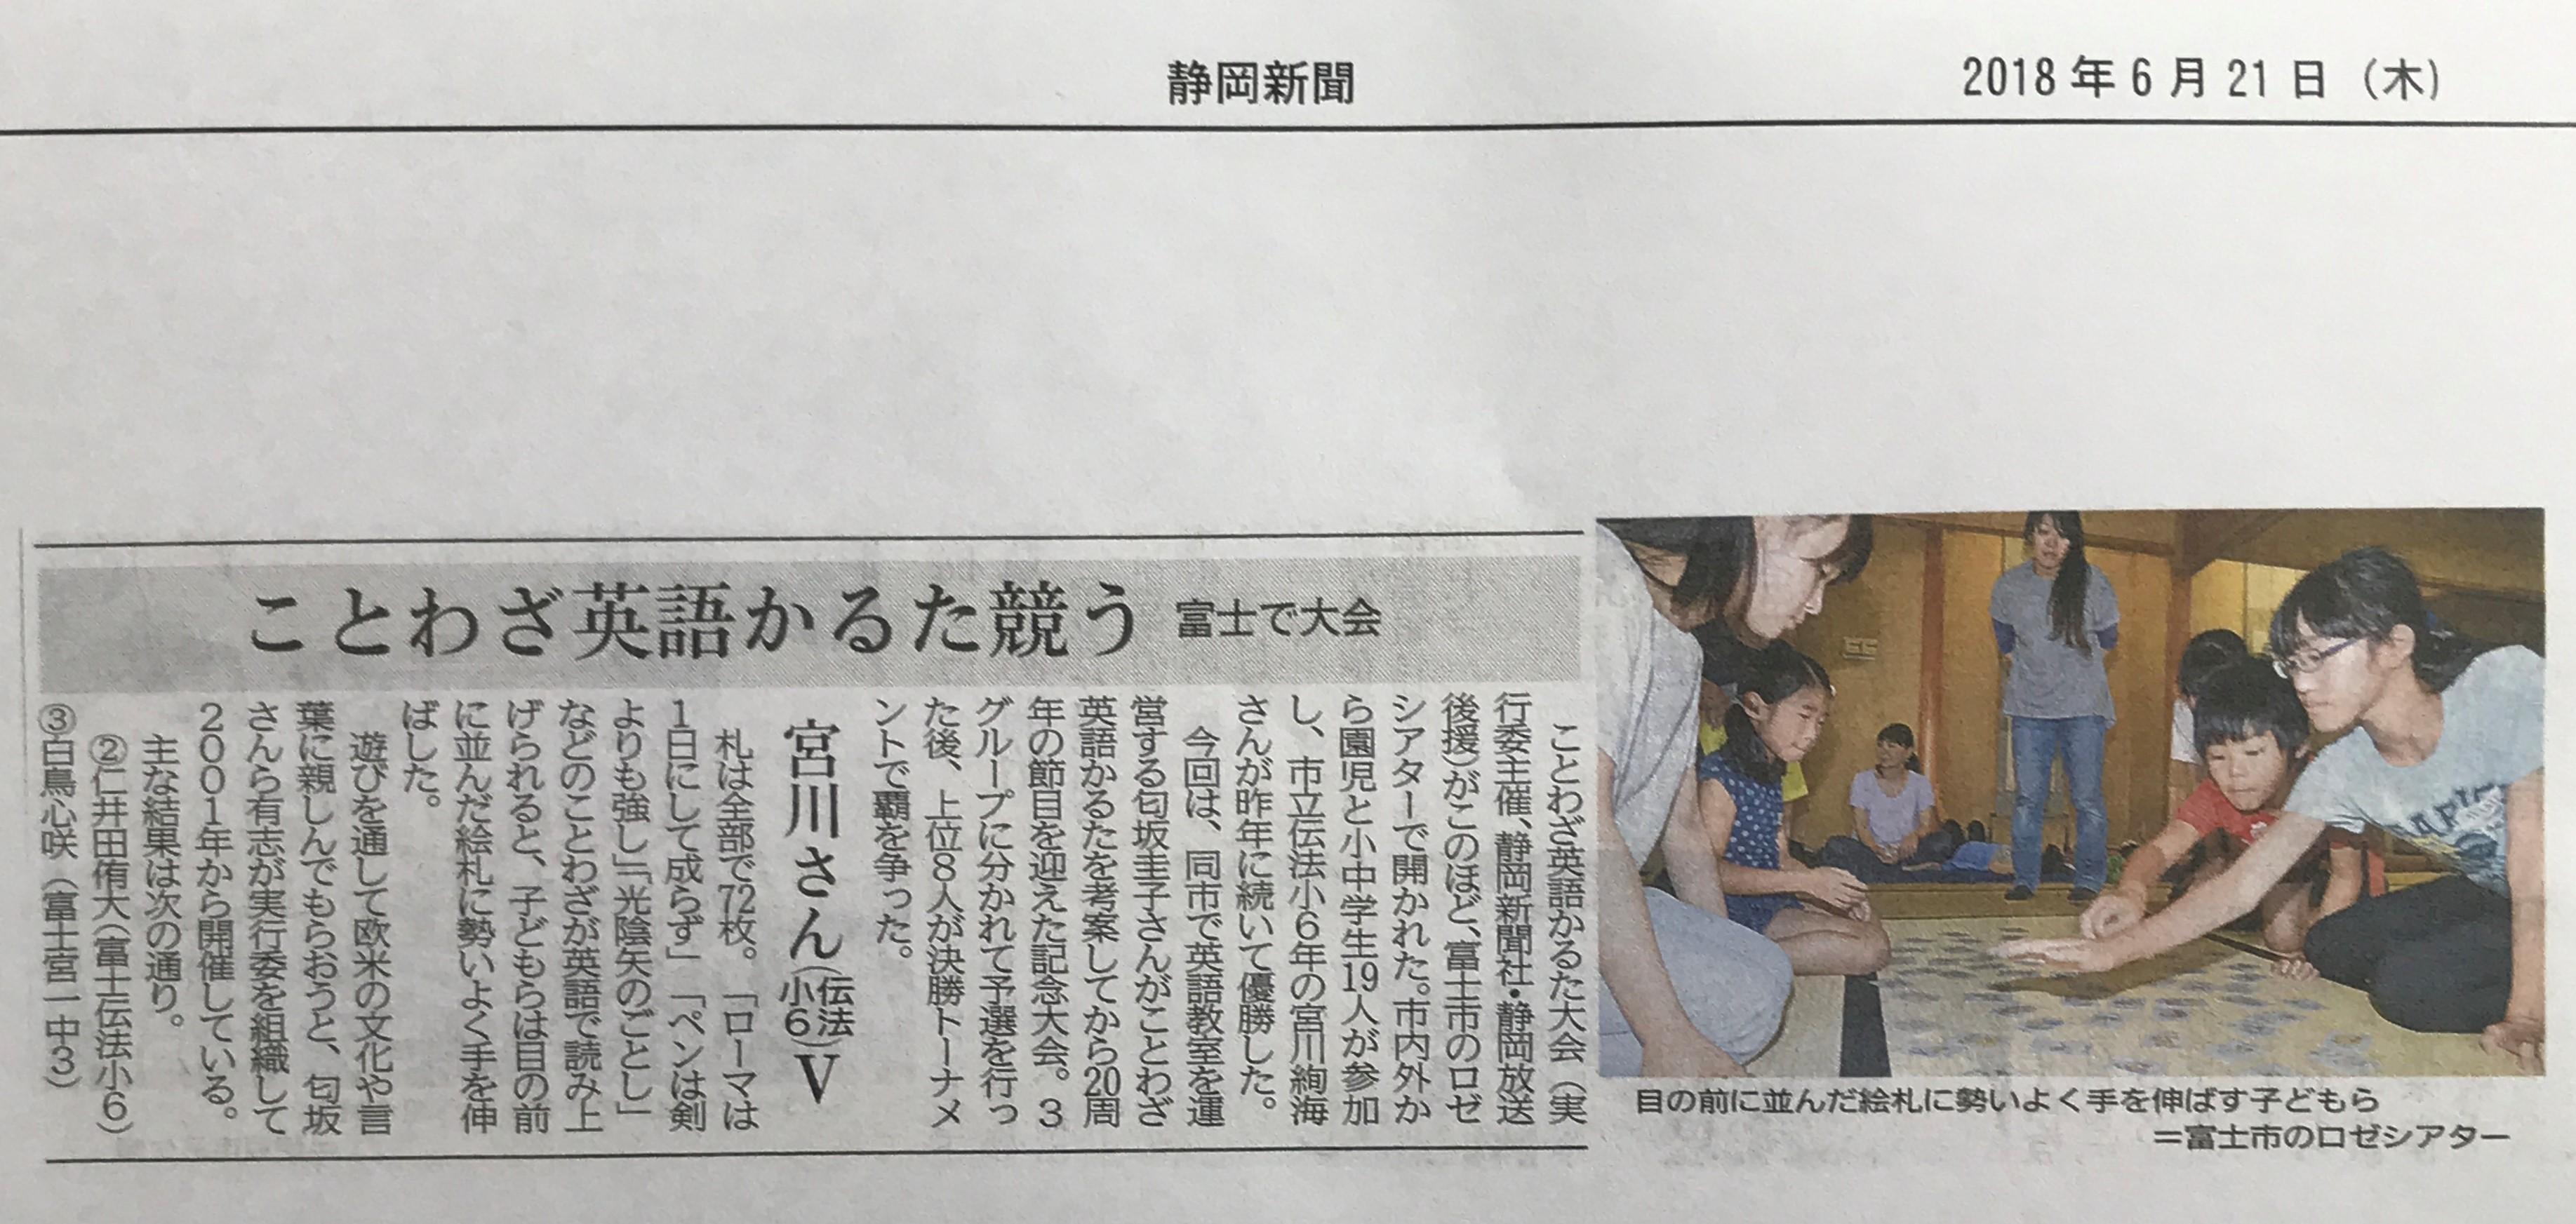 大会の様子が新聞に掲載されましたv(^_-)